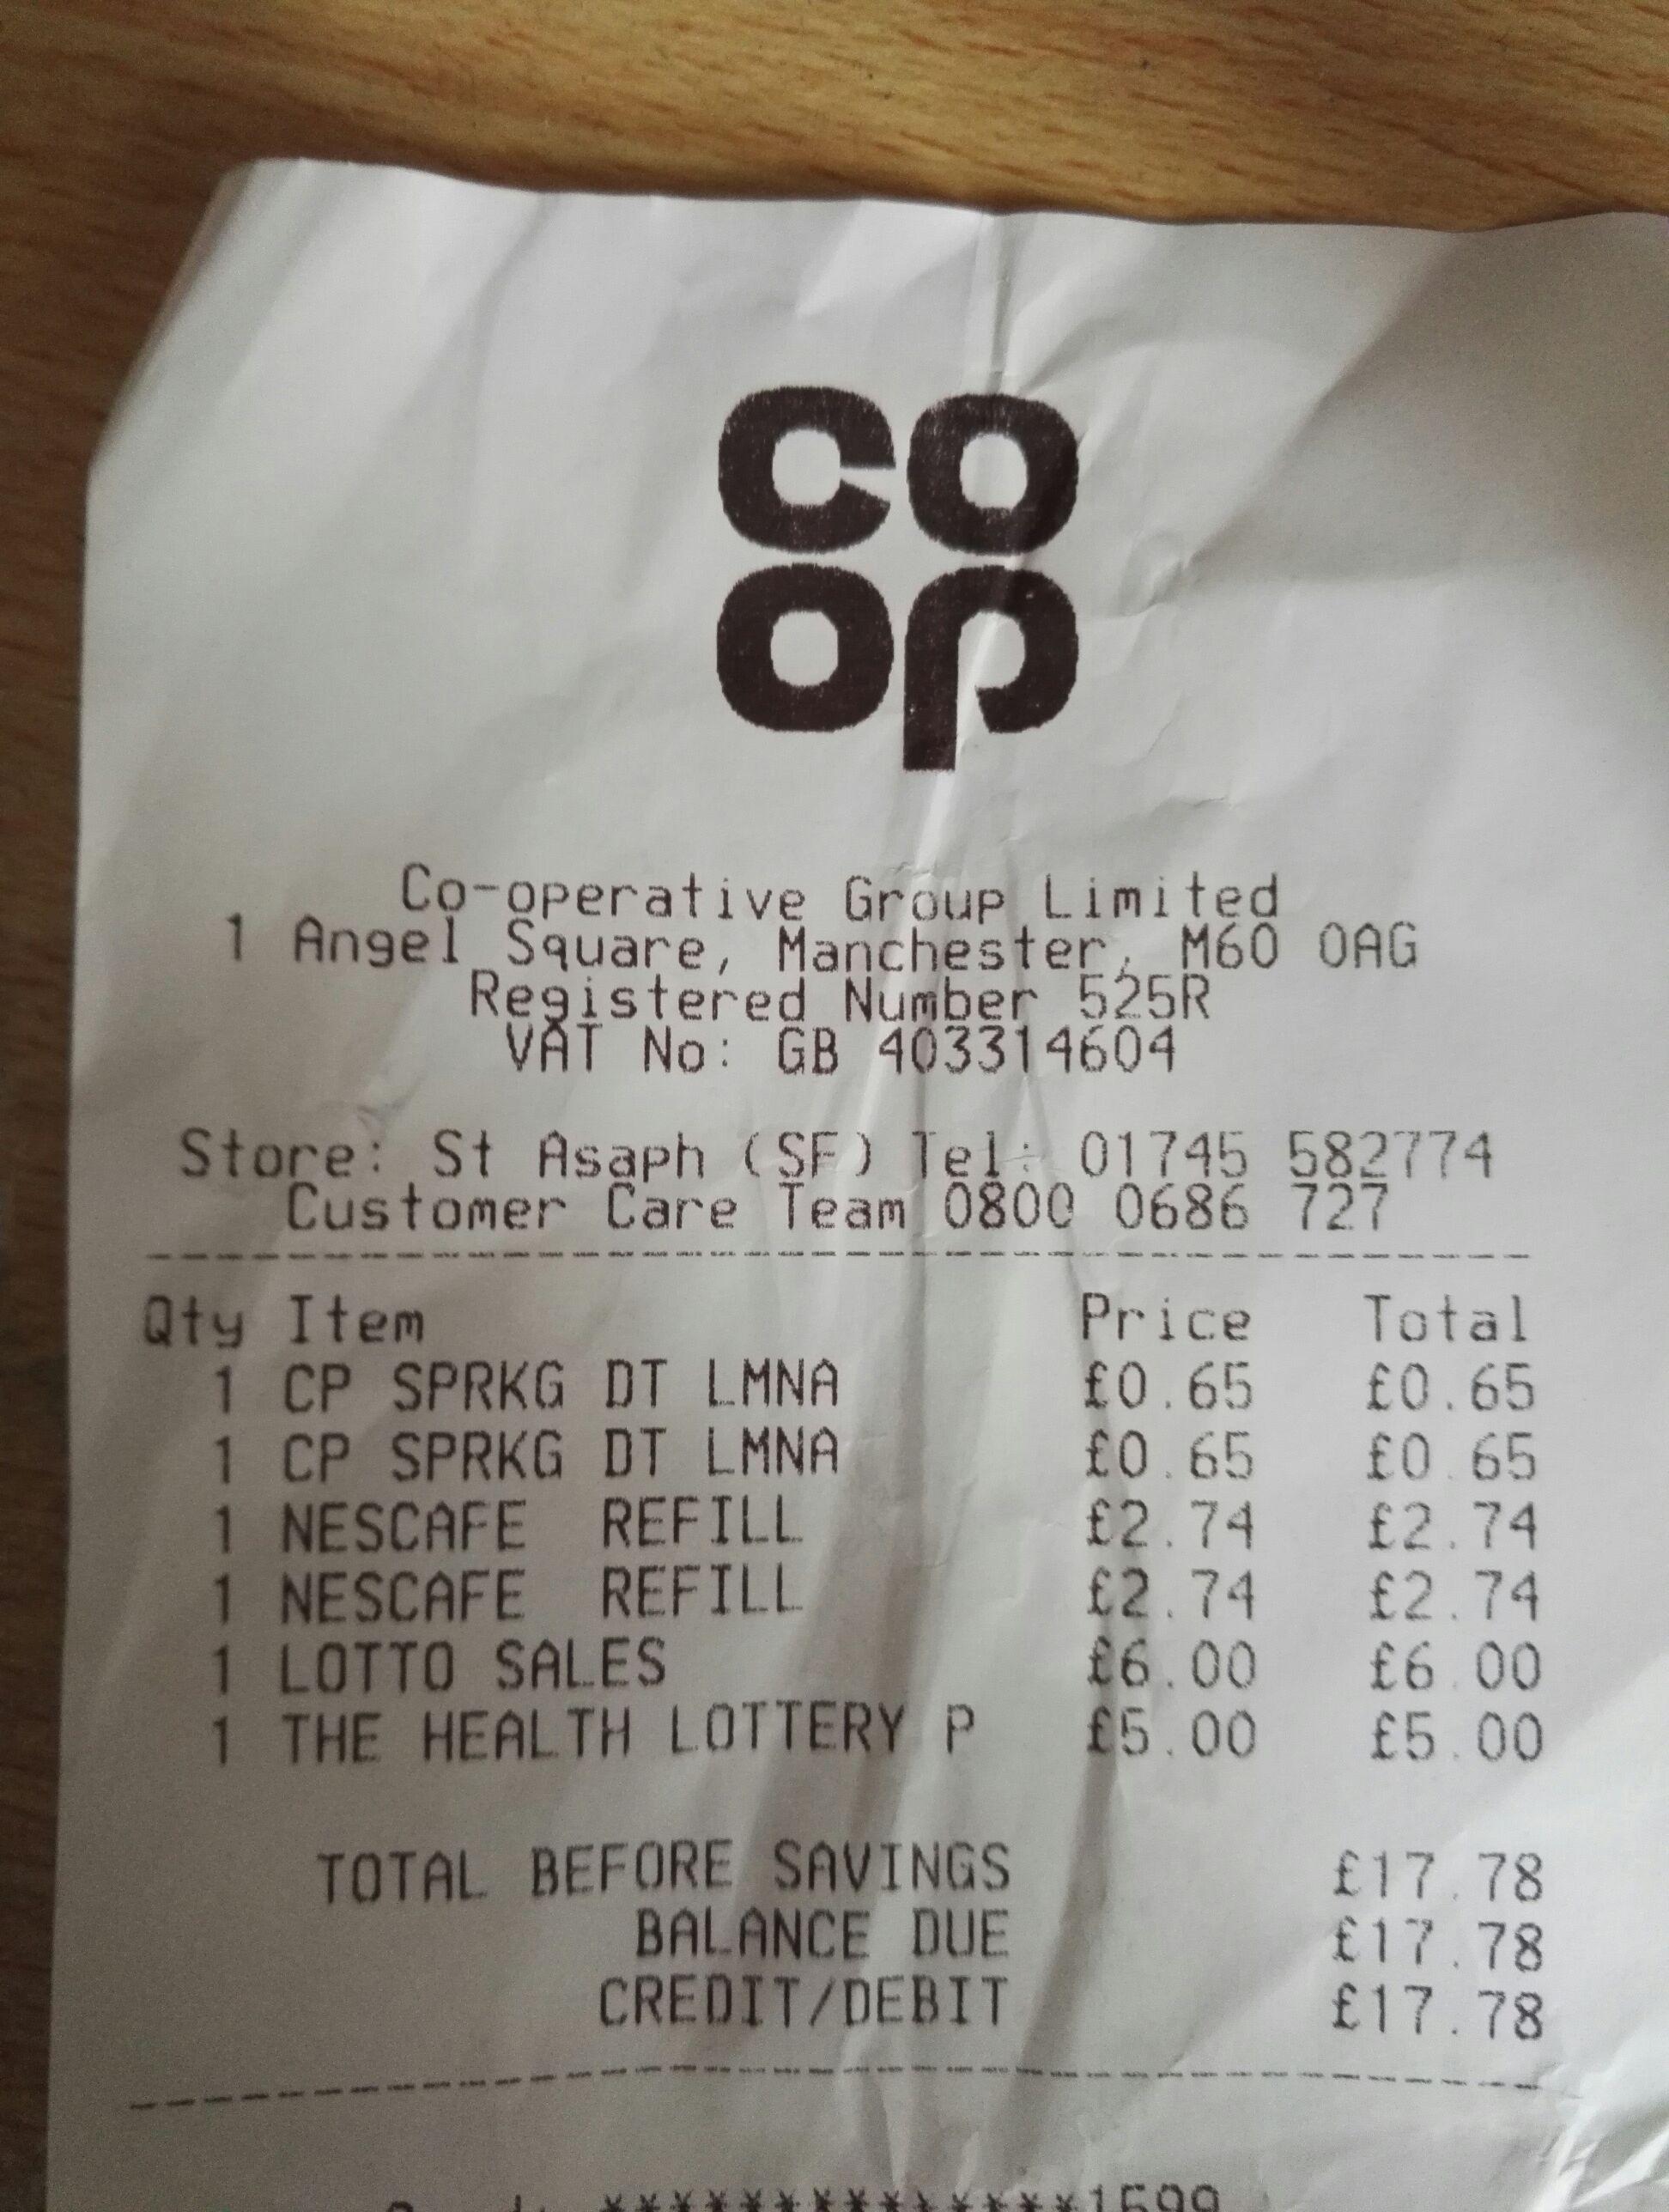 Nescafe gold blend 150g refill £2.74 instore @ CoOp